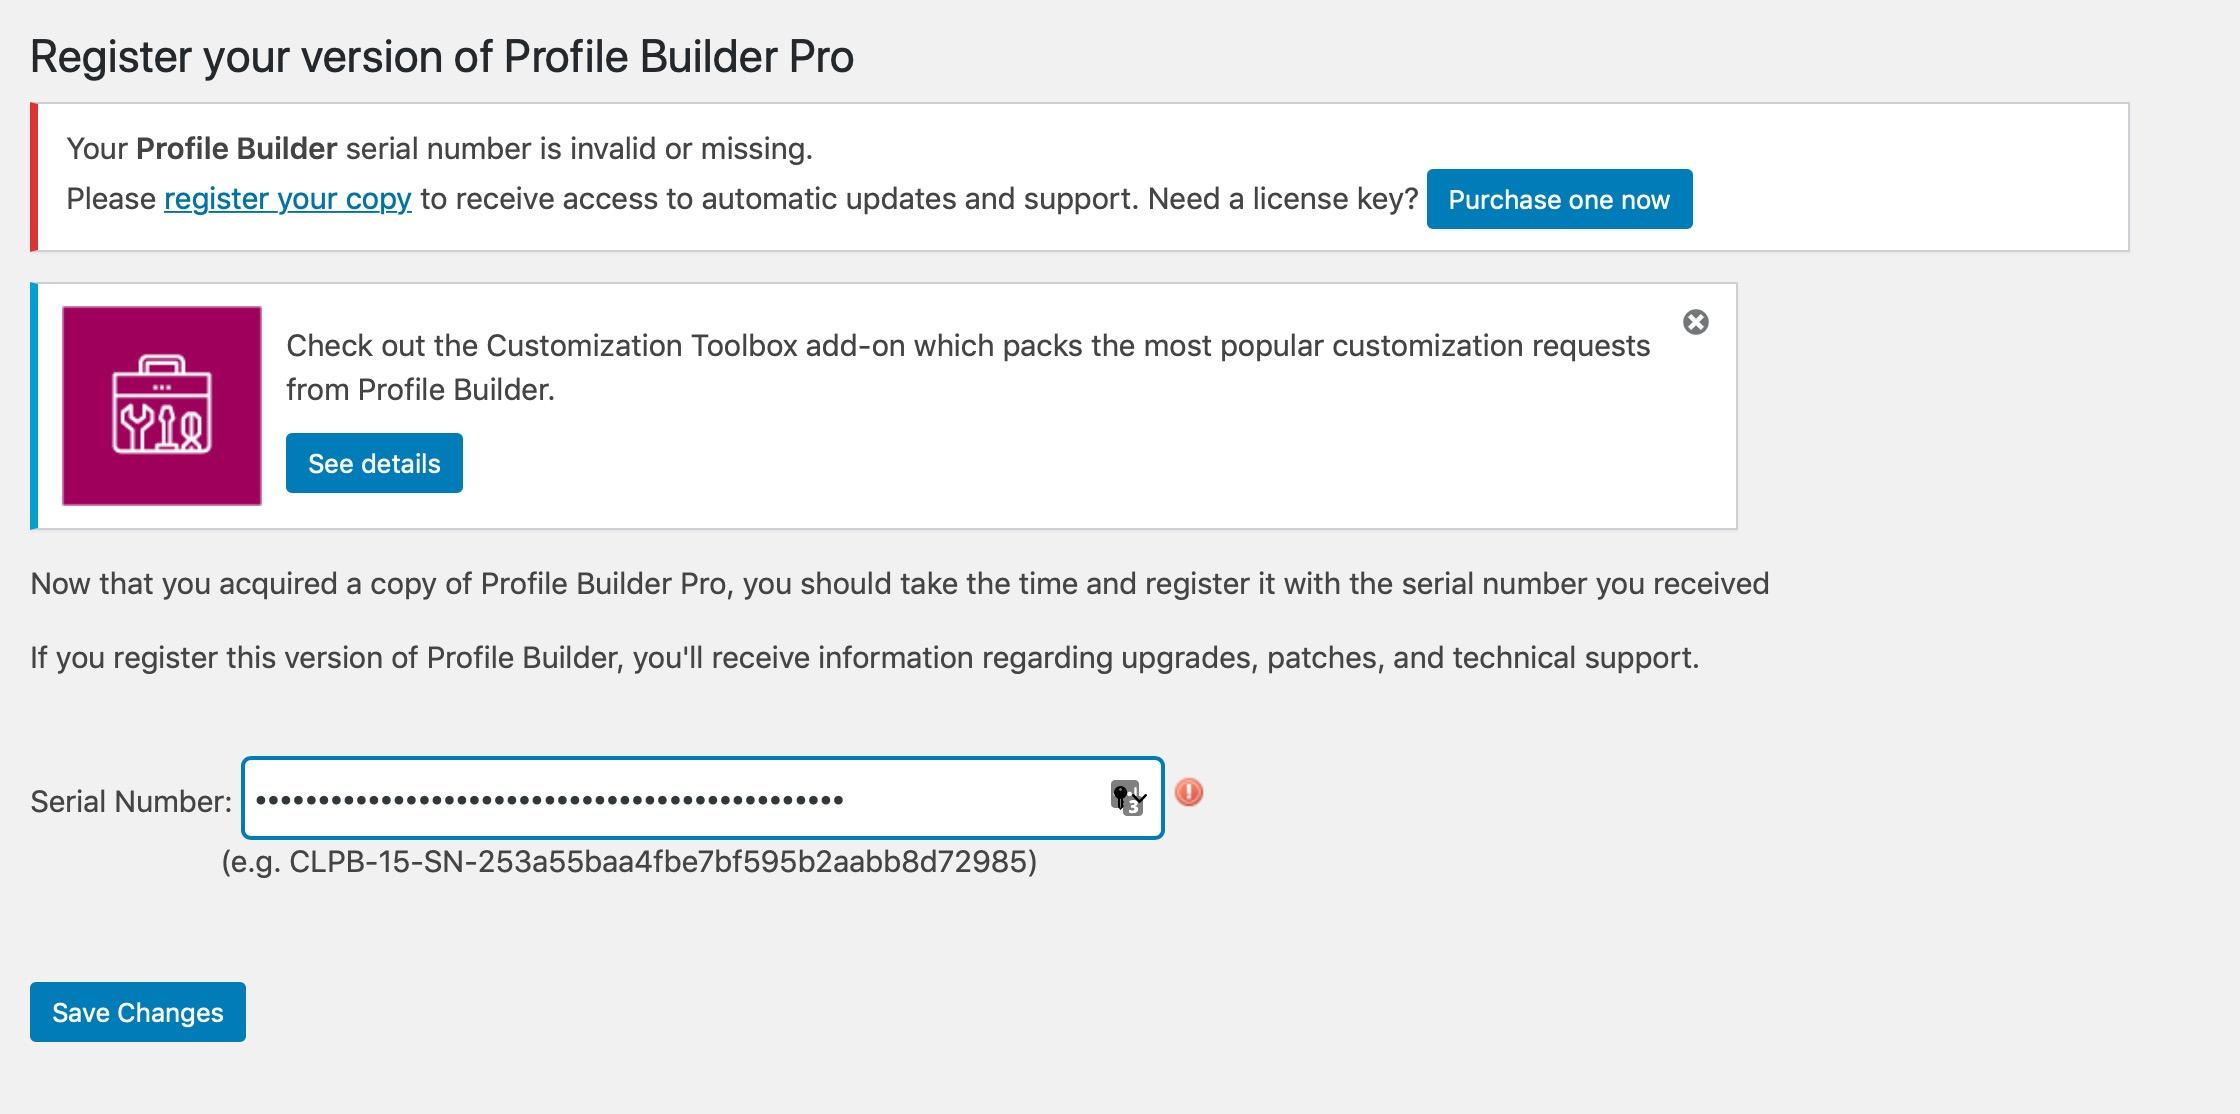 Profile Builder registration page